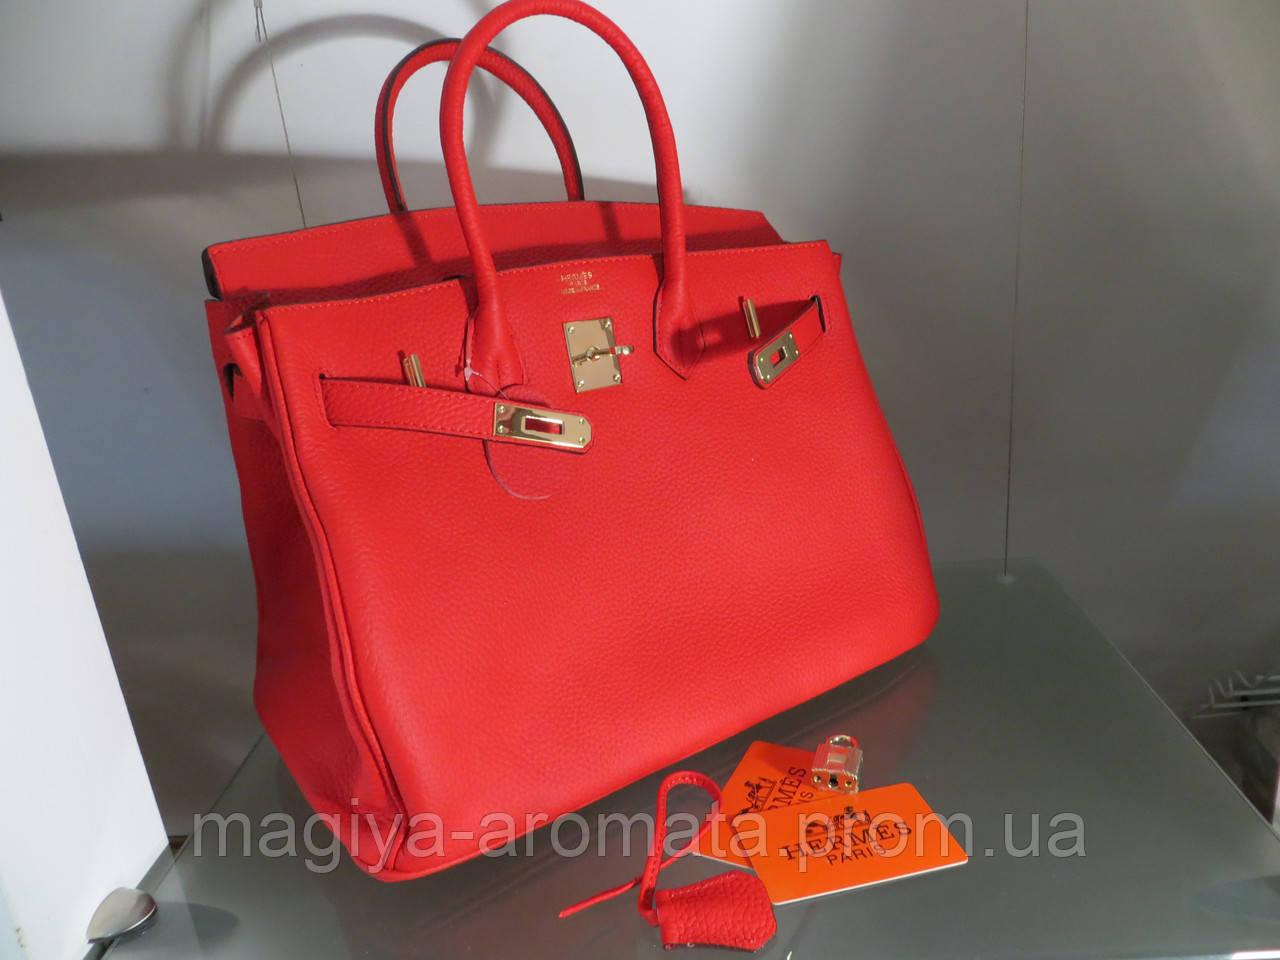 88d5c4542978 Женская сумка Hermes 35 СМ Красная - Магия Аромата - Парфюмерия, Брендовые  Сумки - Кошельки